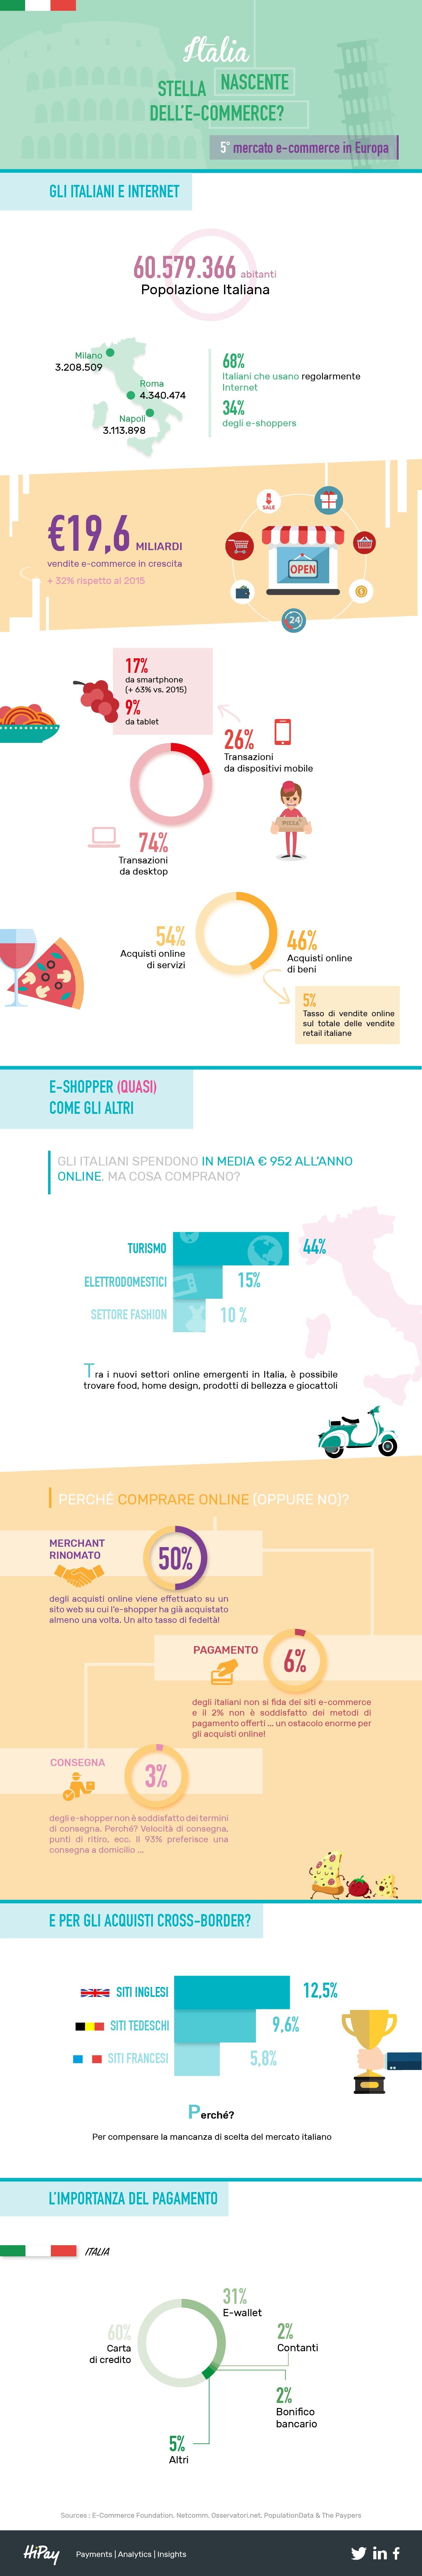 d9a69cd480af Il canale d acquisto preferenziale degli e-shopper italiani è il desktop  con transazioni pari al 74% rispetto agli acquisti da dispositivi mobile  (26%)